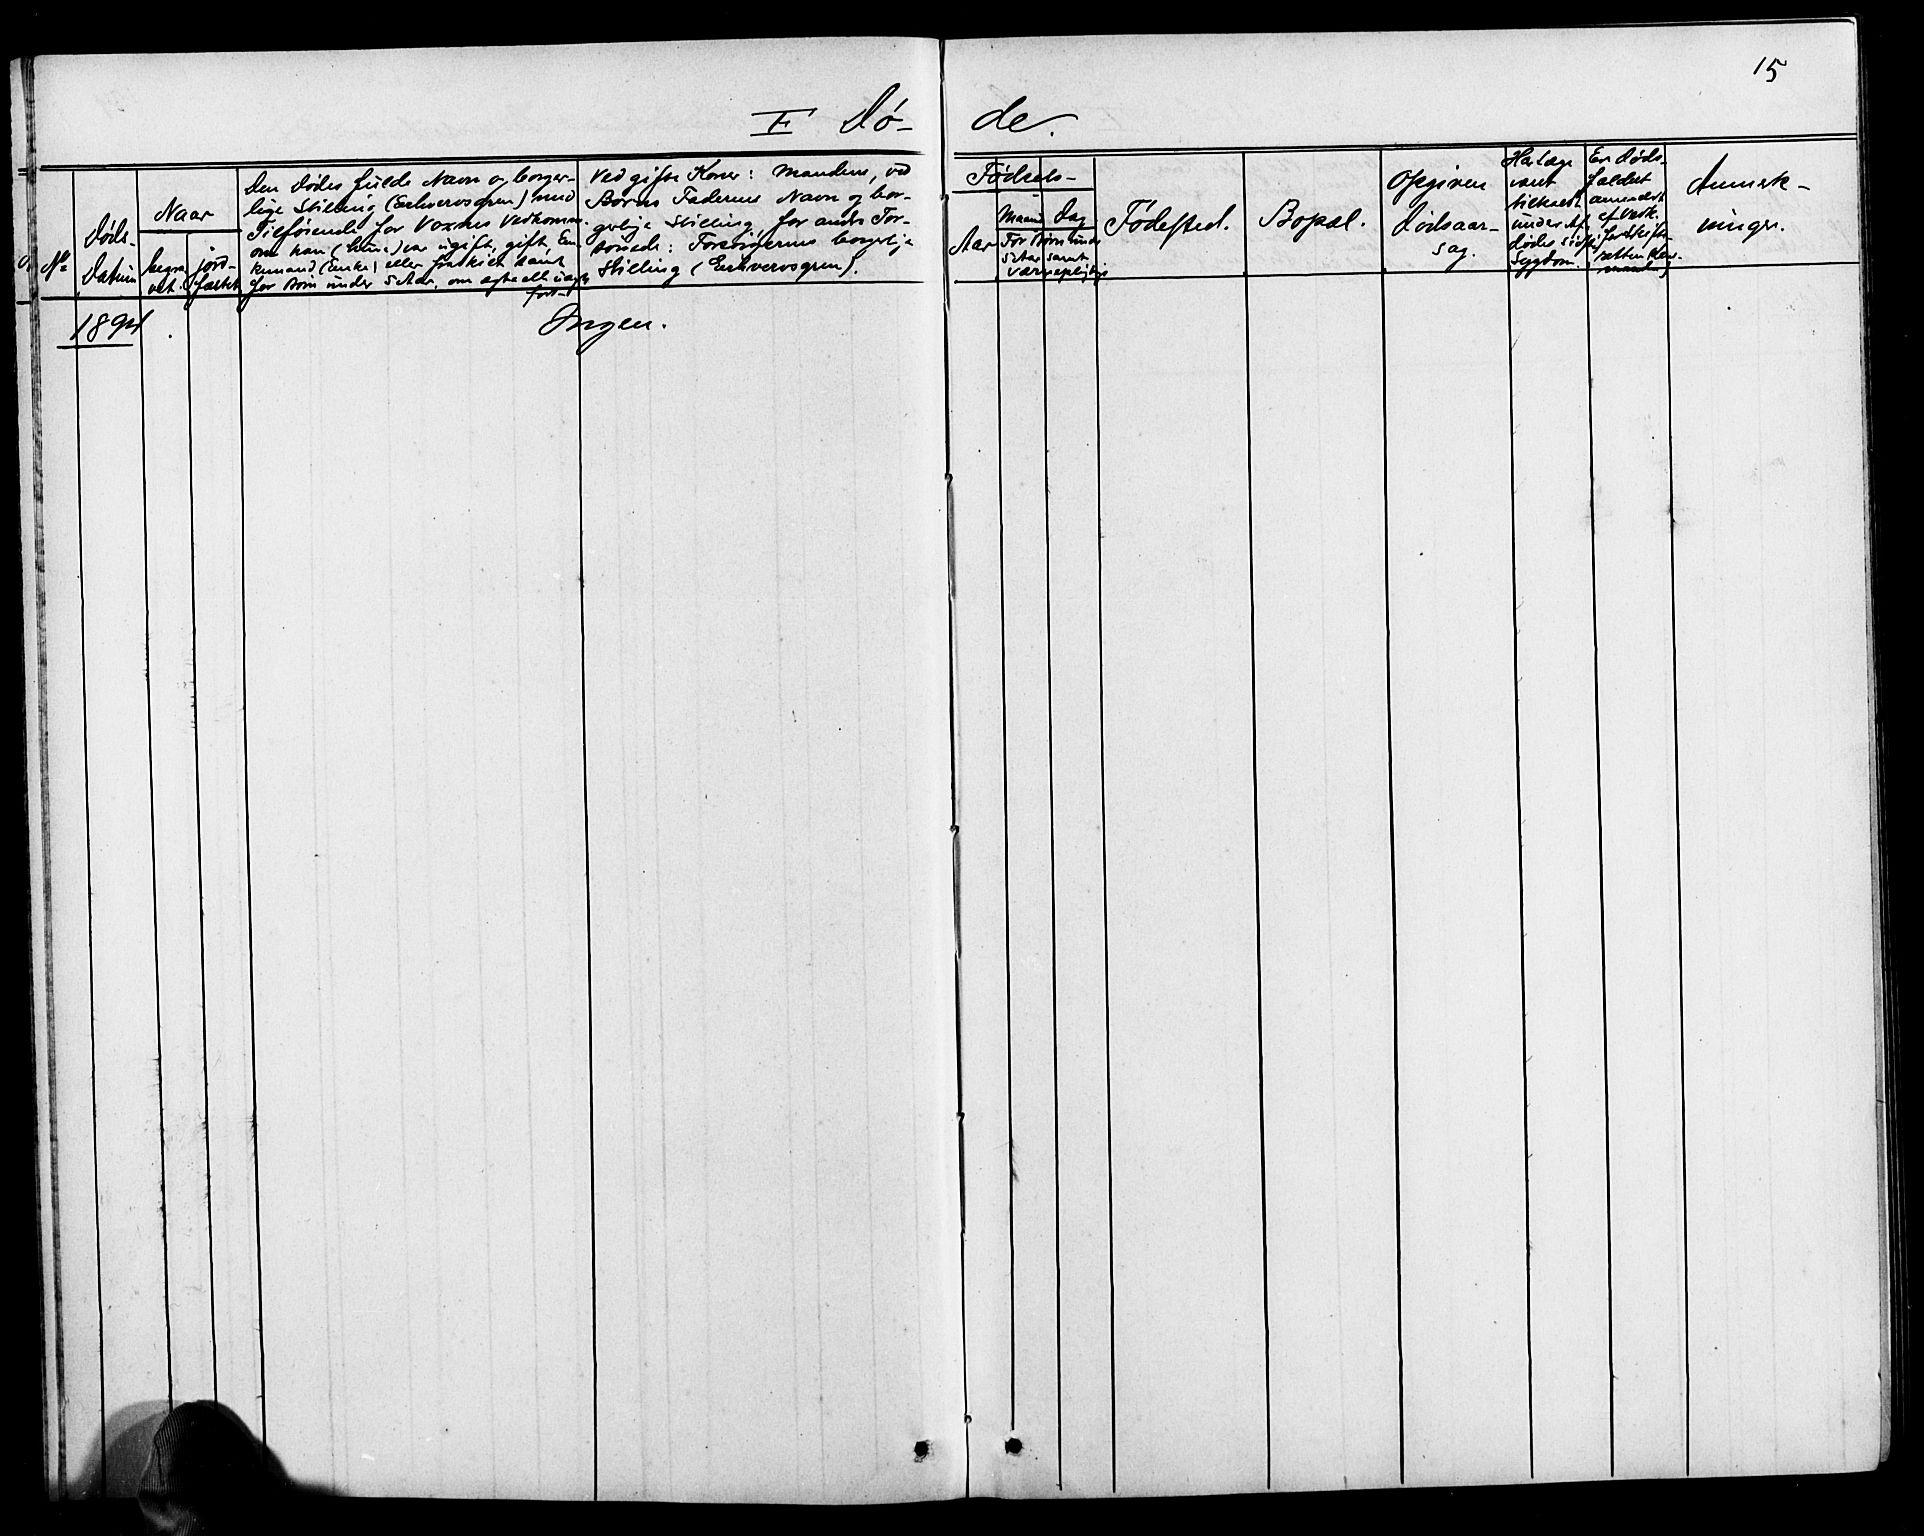 SAK, Baptistmenigheten i Tvedestrand, F/Fa/L0002: Dissenterprotokoll nr. F 1, 1892-1895, s. 15